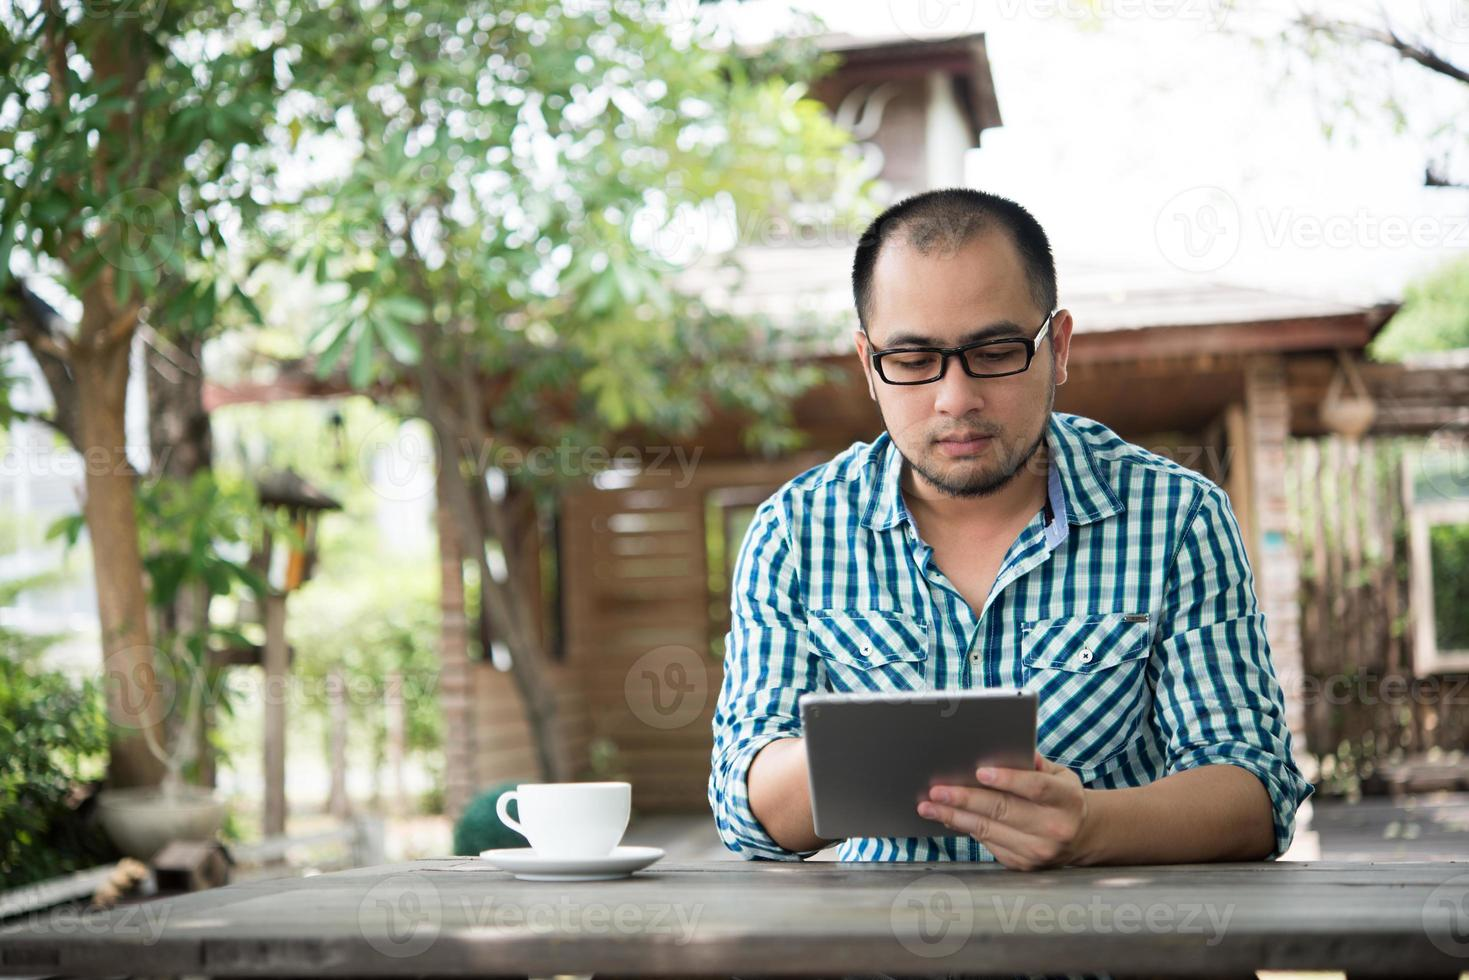 homme d'affaires travaille sur tablette alors qu'il était assis à une table en bois à la maison photo